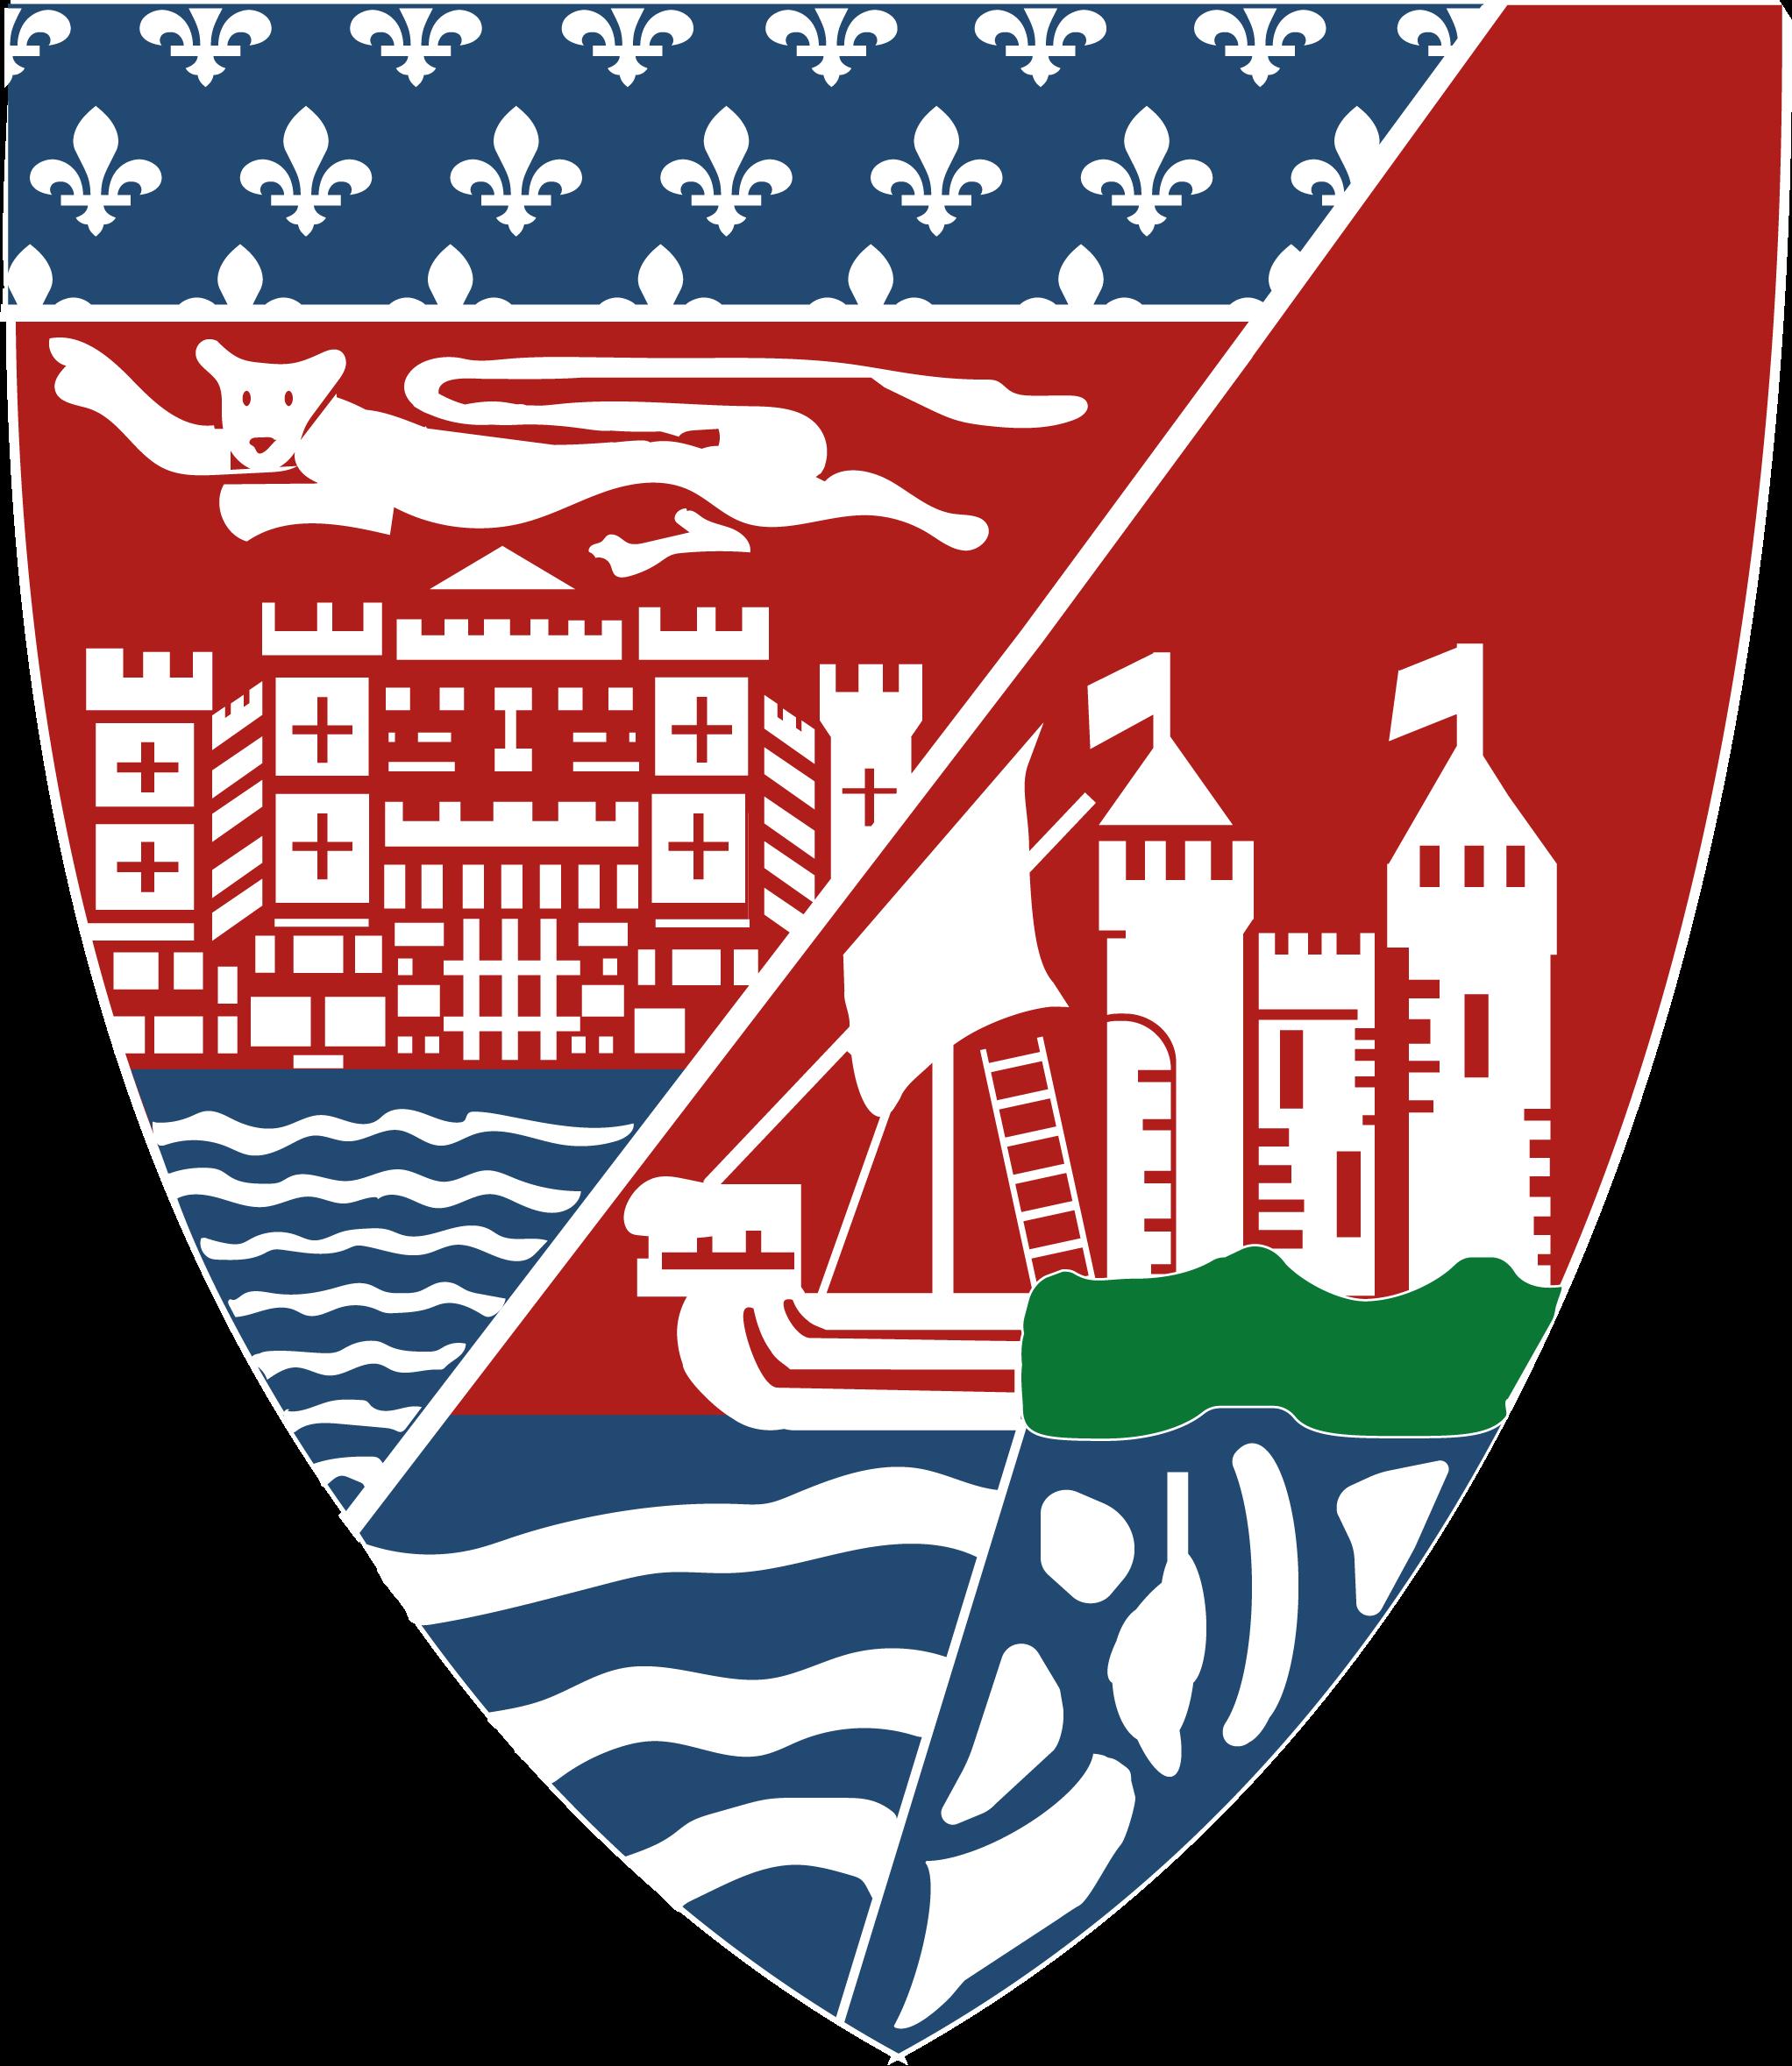 Association Bordeaux - Bristol